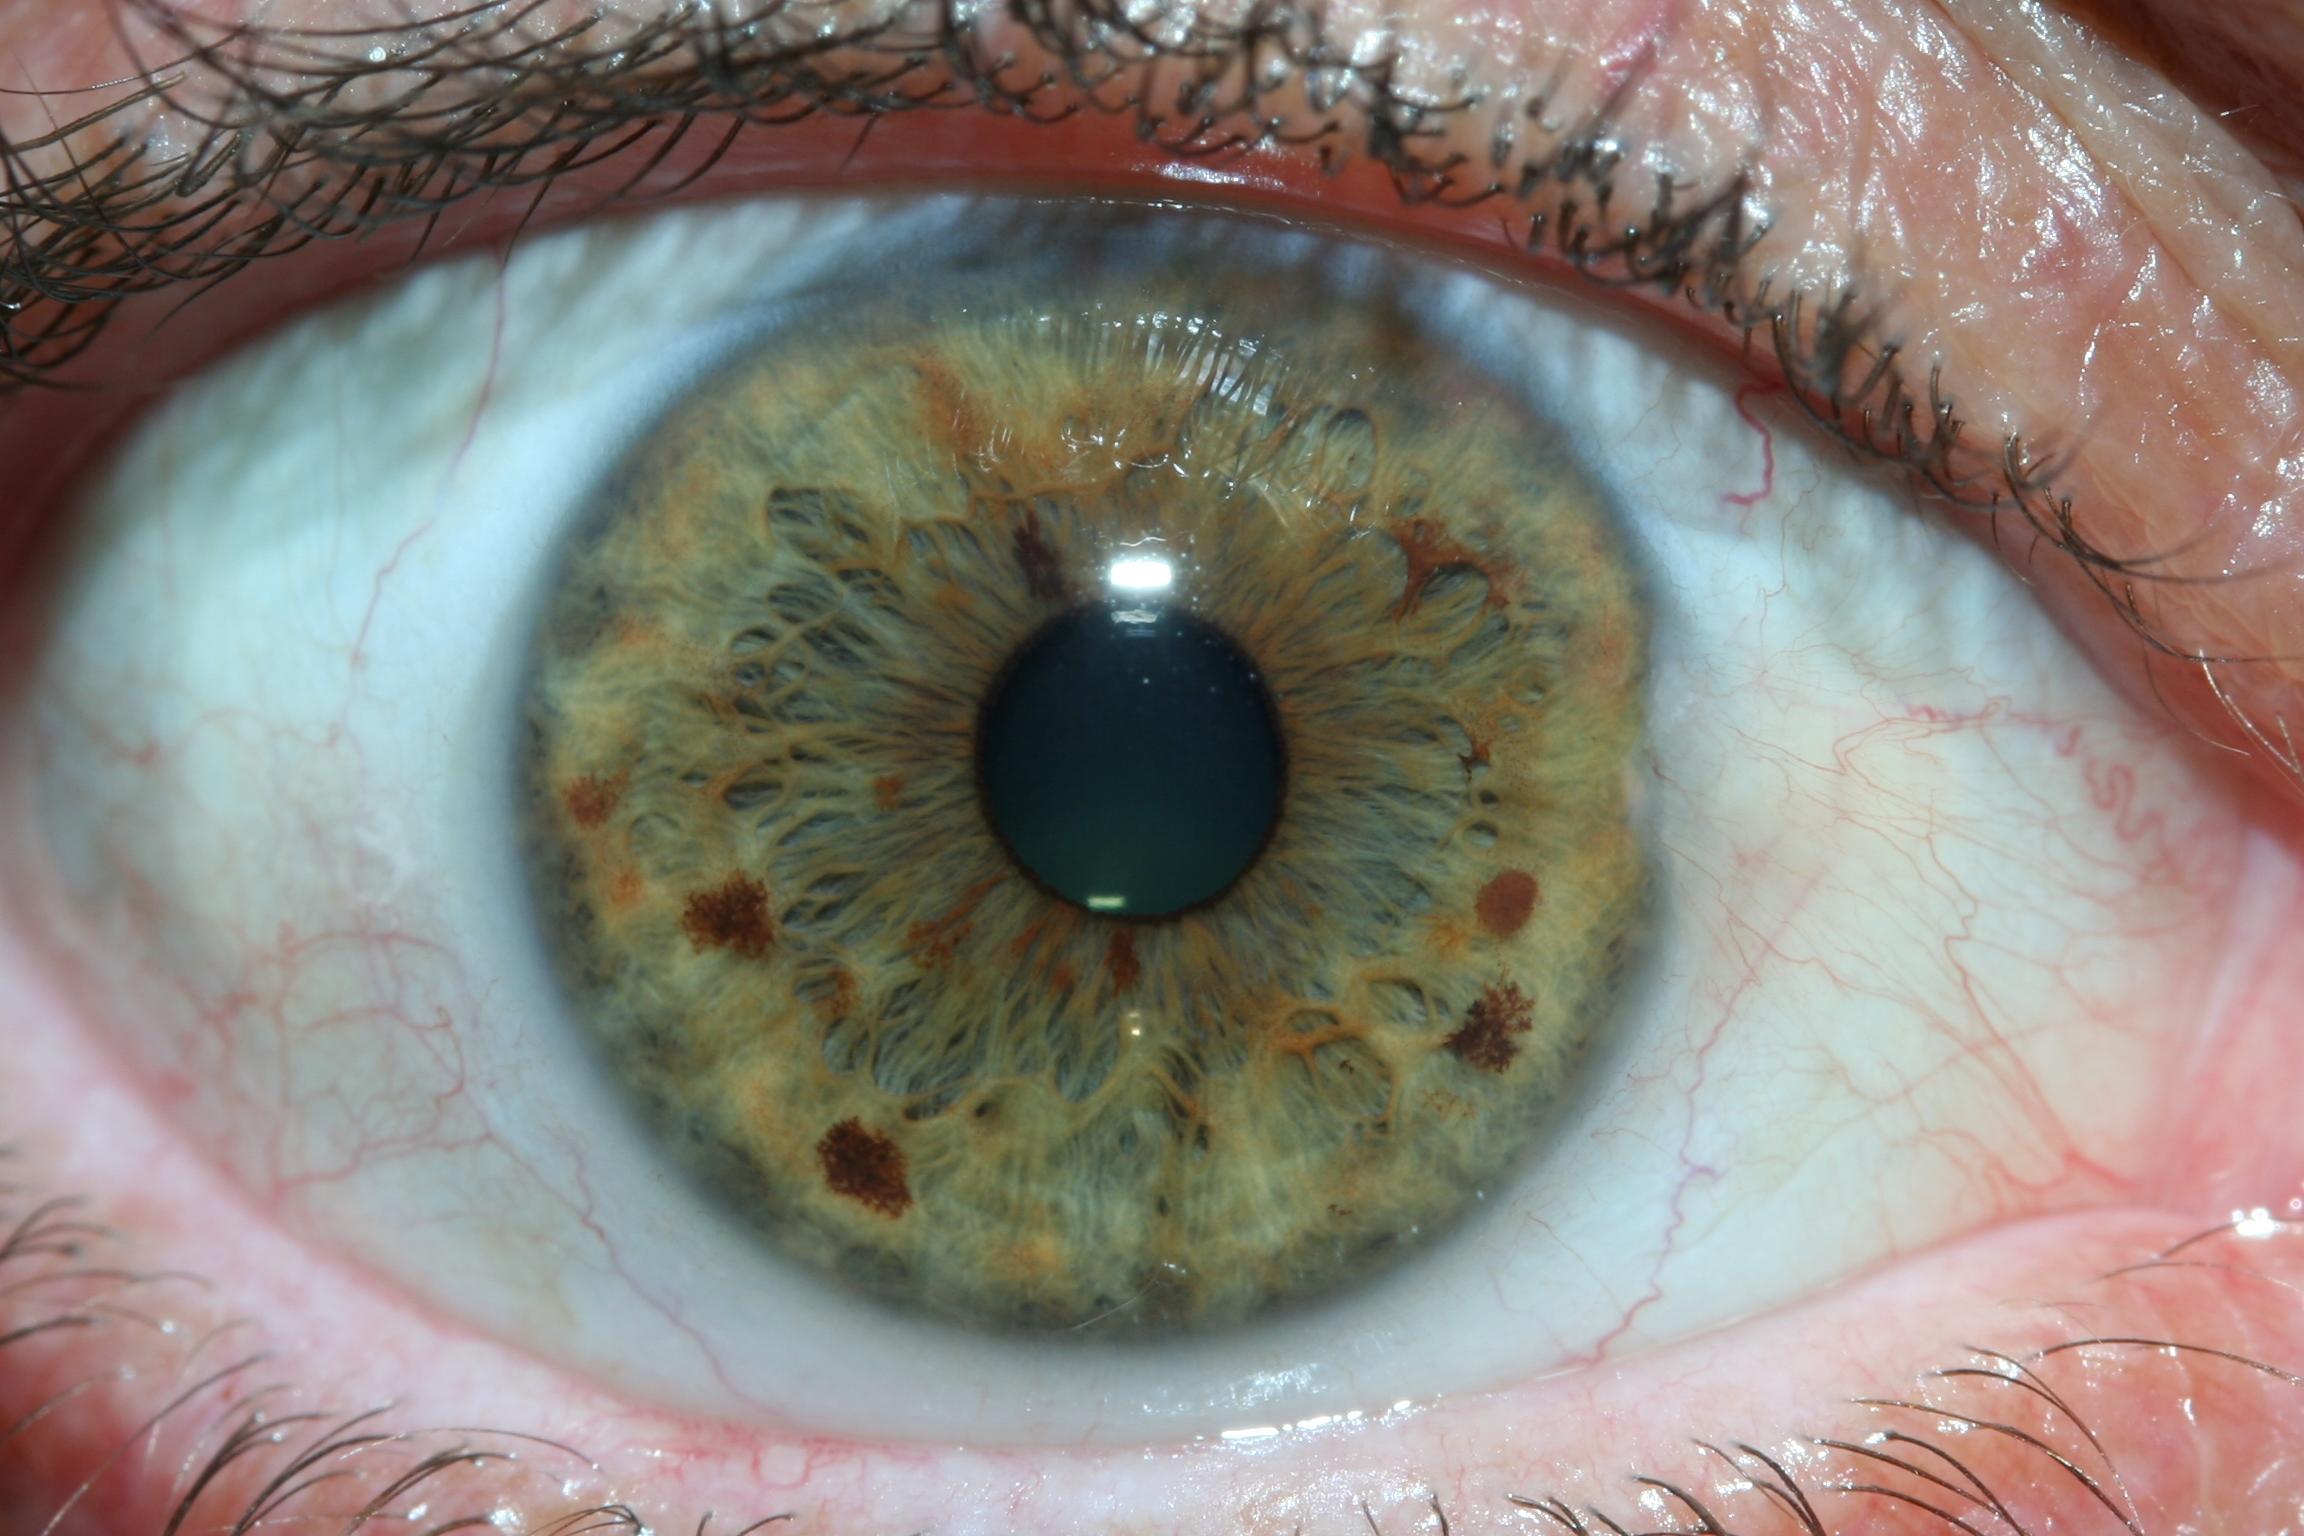 iridology eys images 6